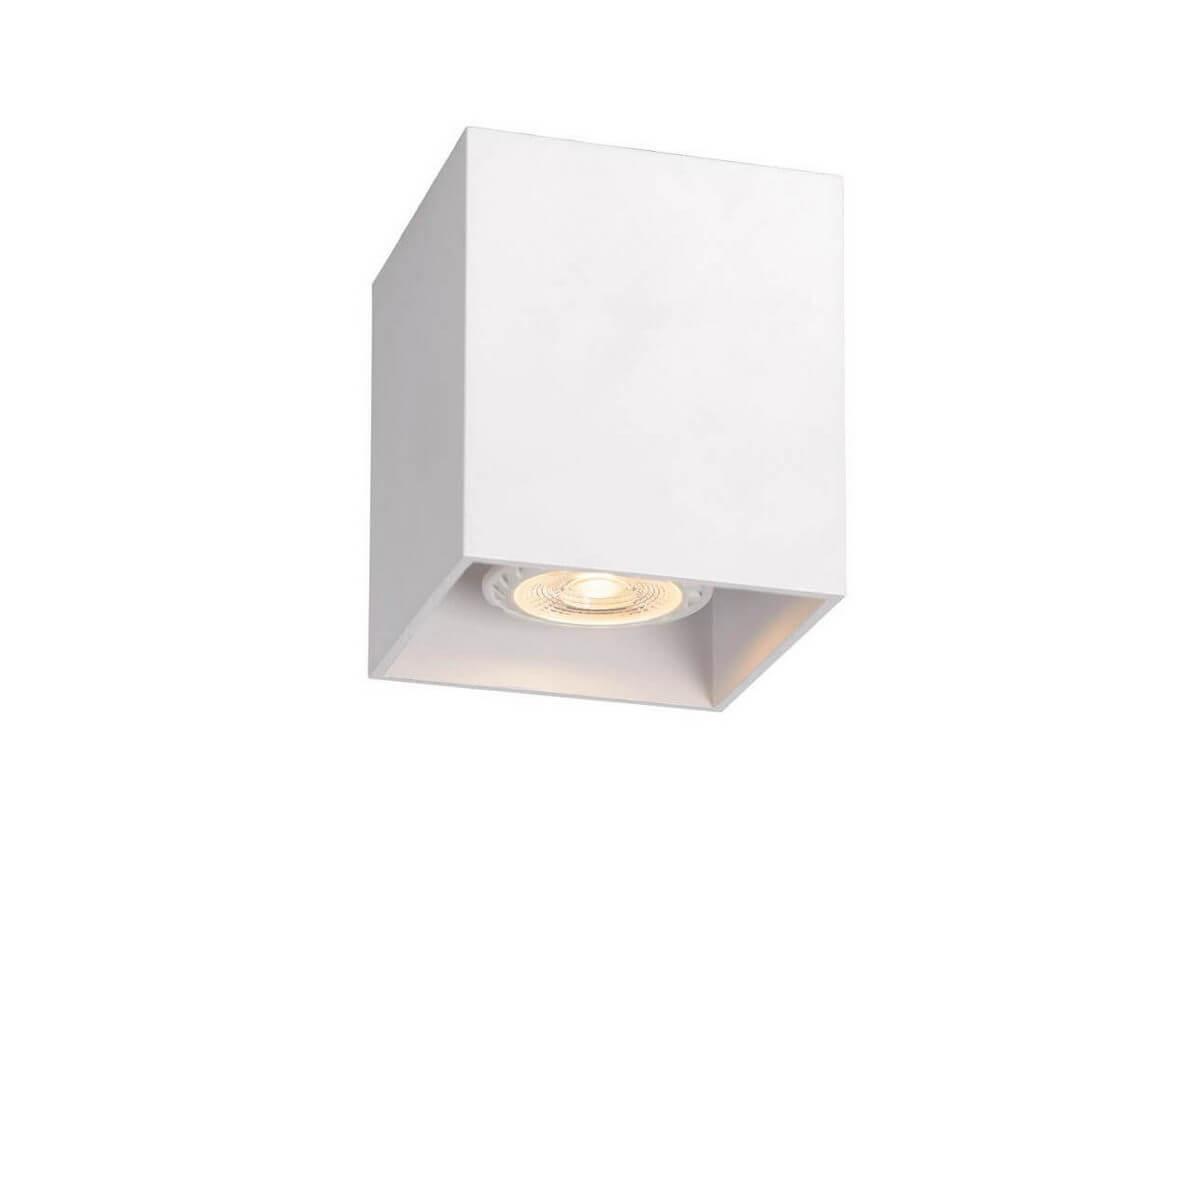 Потолочный светильник Lucide Bodi 09101/01/31 цена